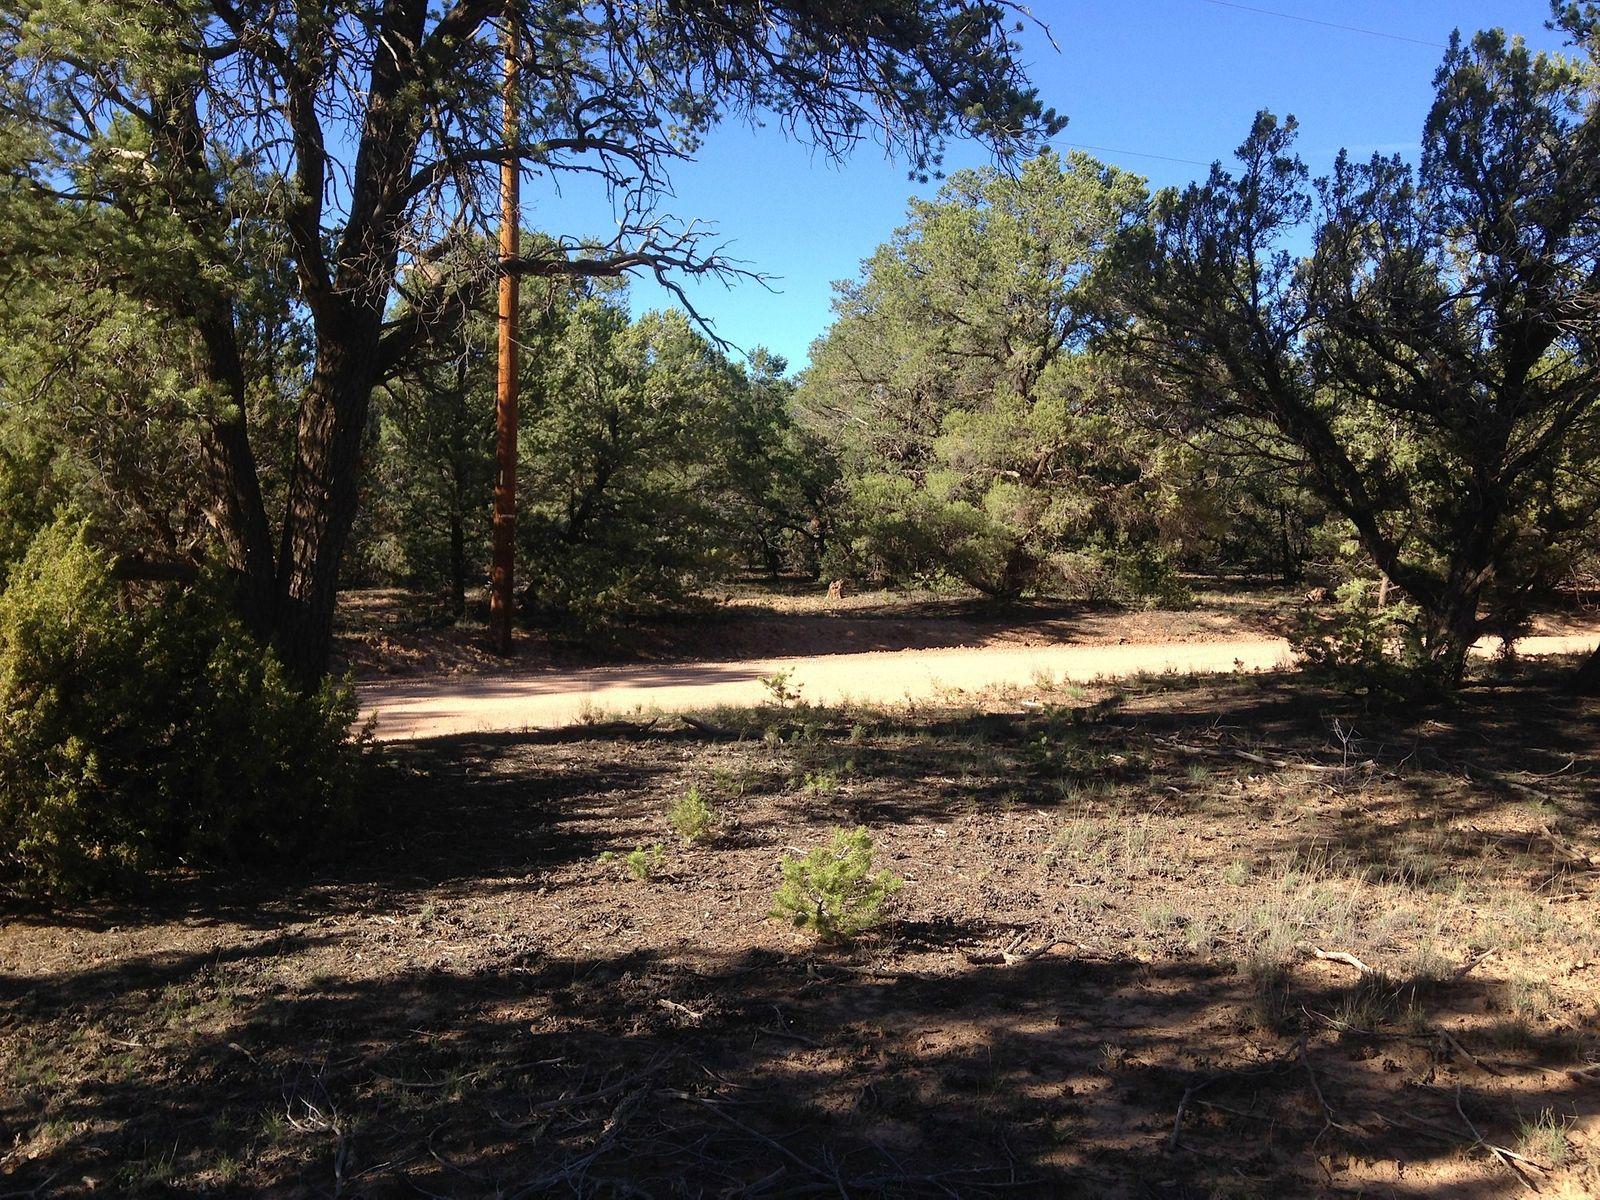 Apache Ridge, Tract 2-A (Mescalero Trail